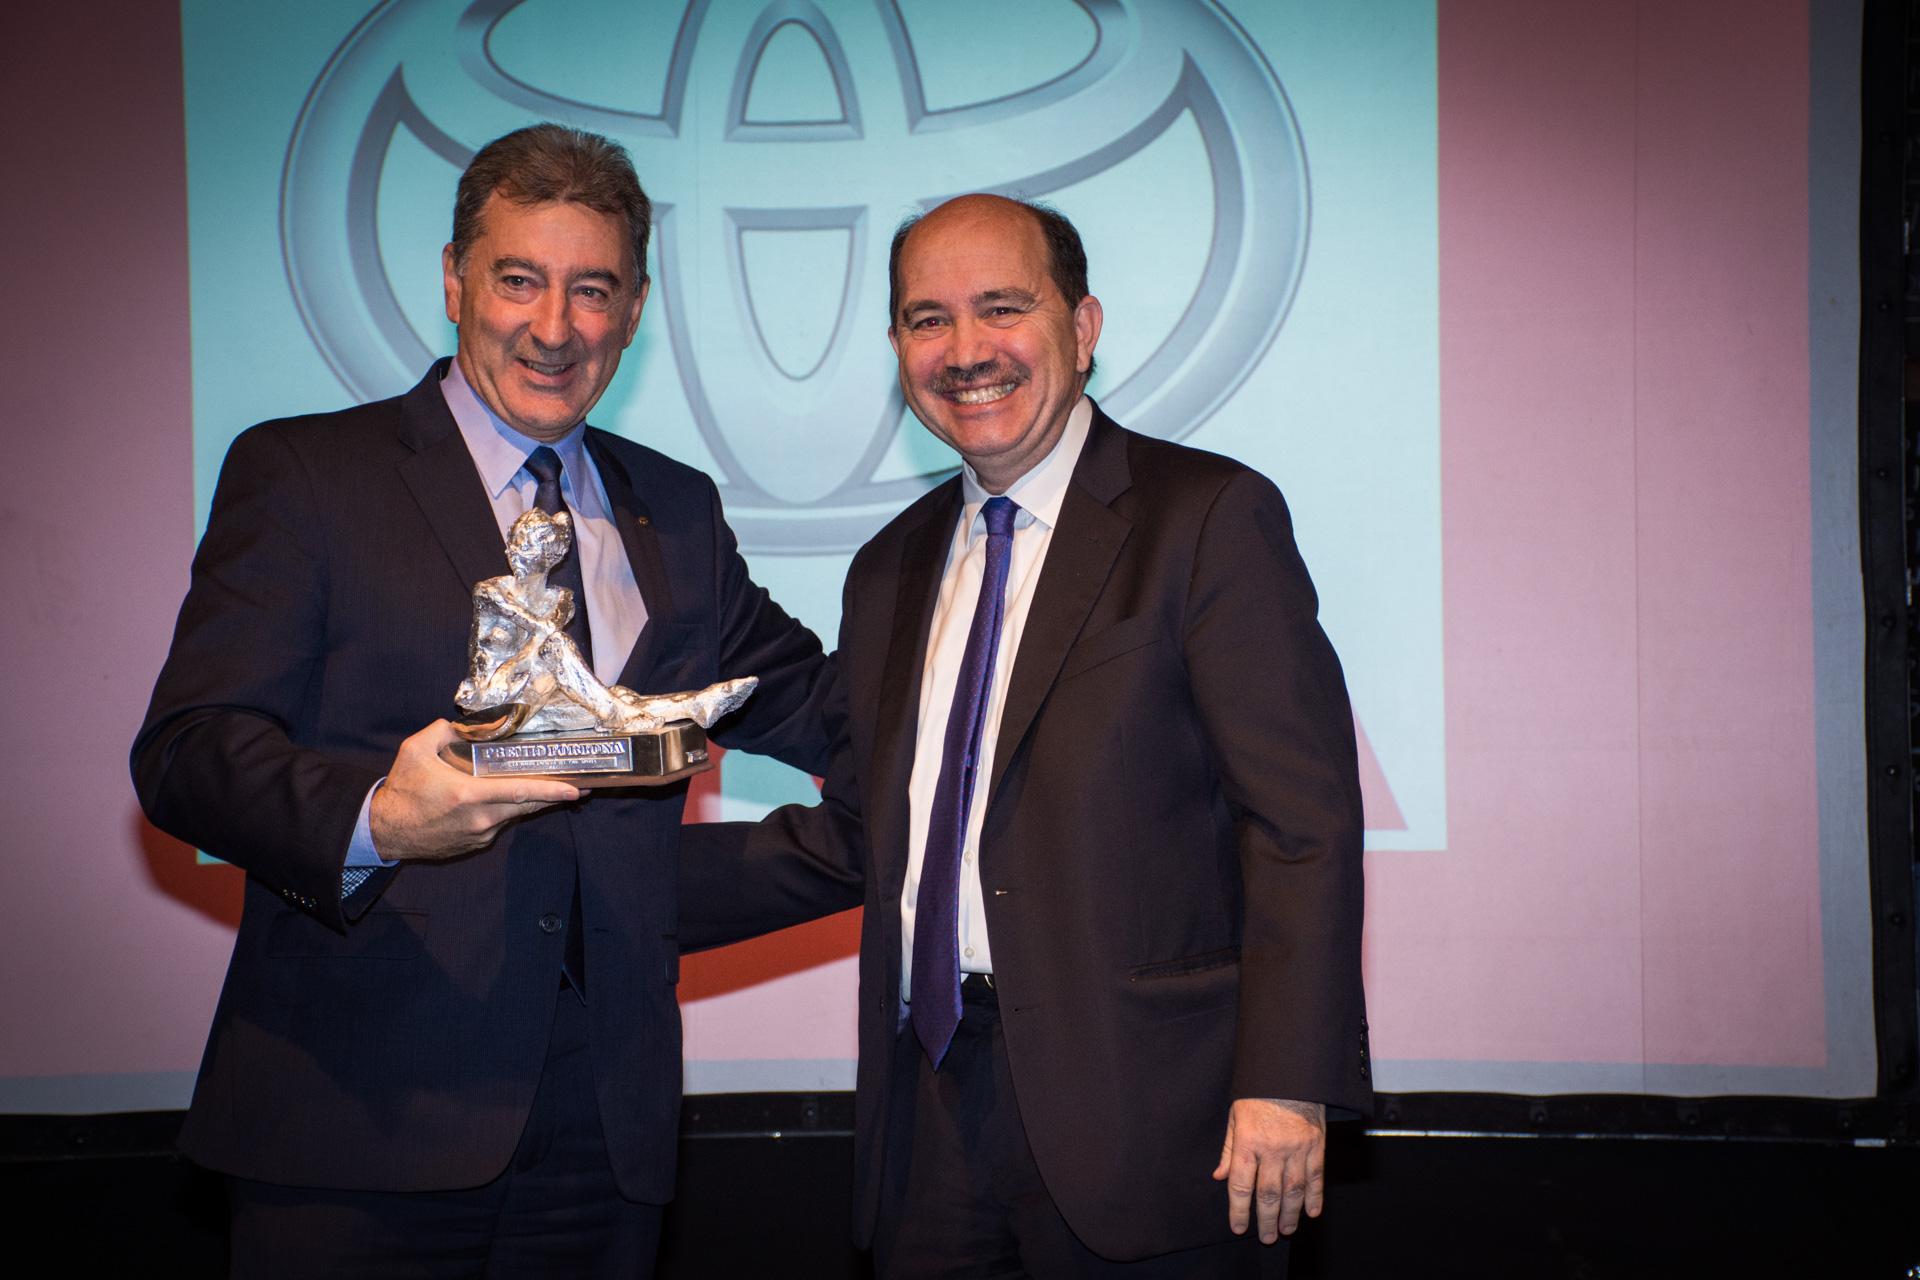 Toyota también ganó el Premio Fortuna de Plata a la Mayor Empresa y fue recibido por su presidente, Daniel Herrero